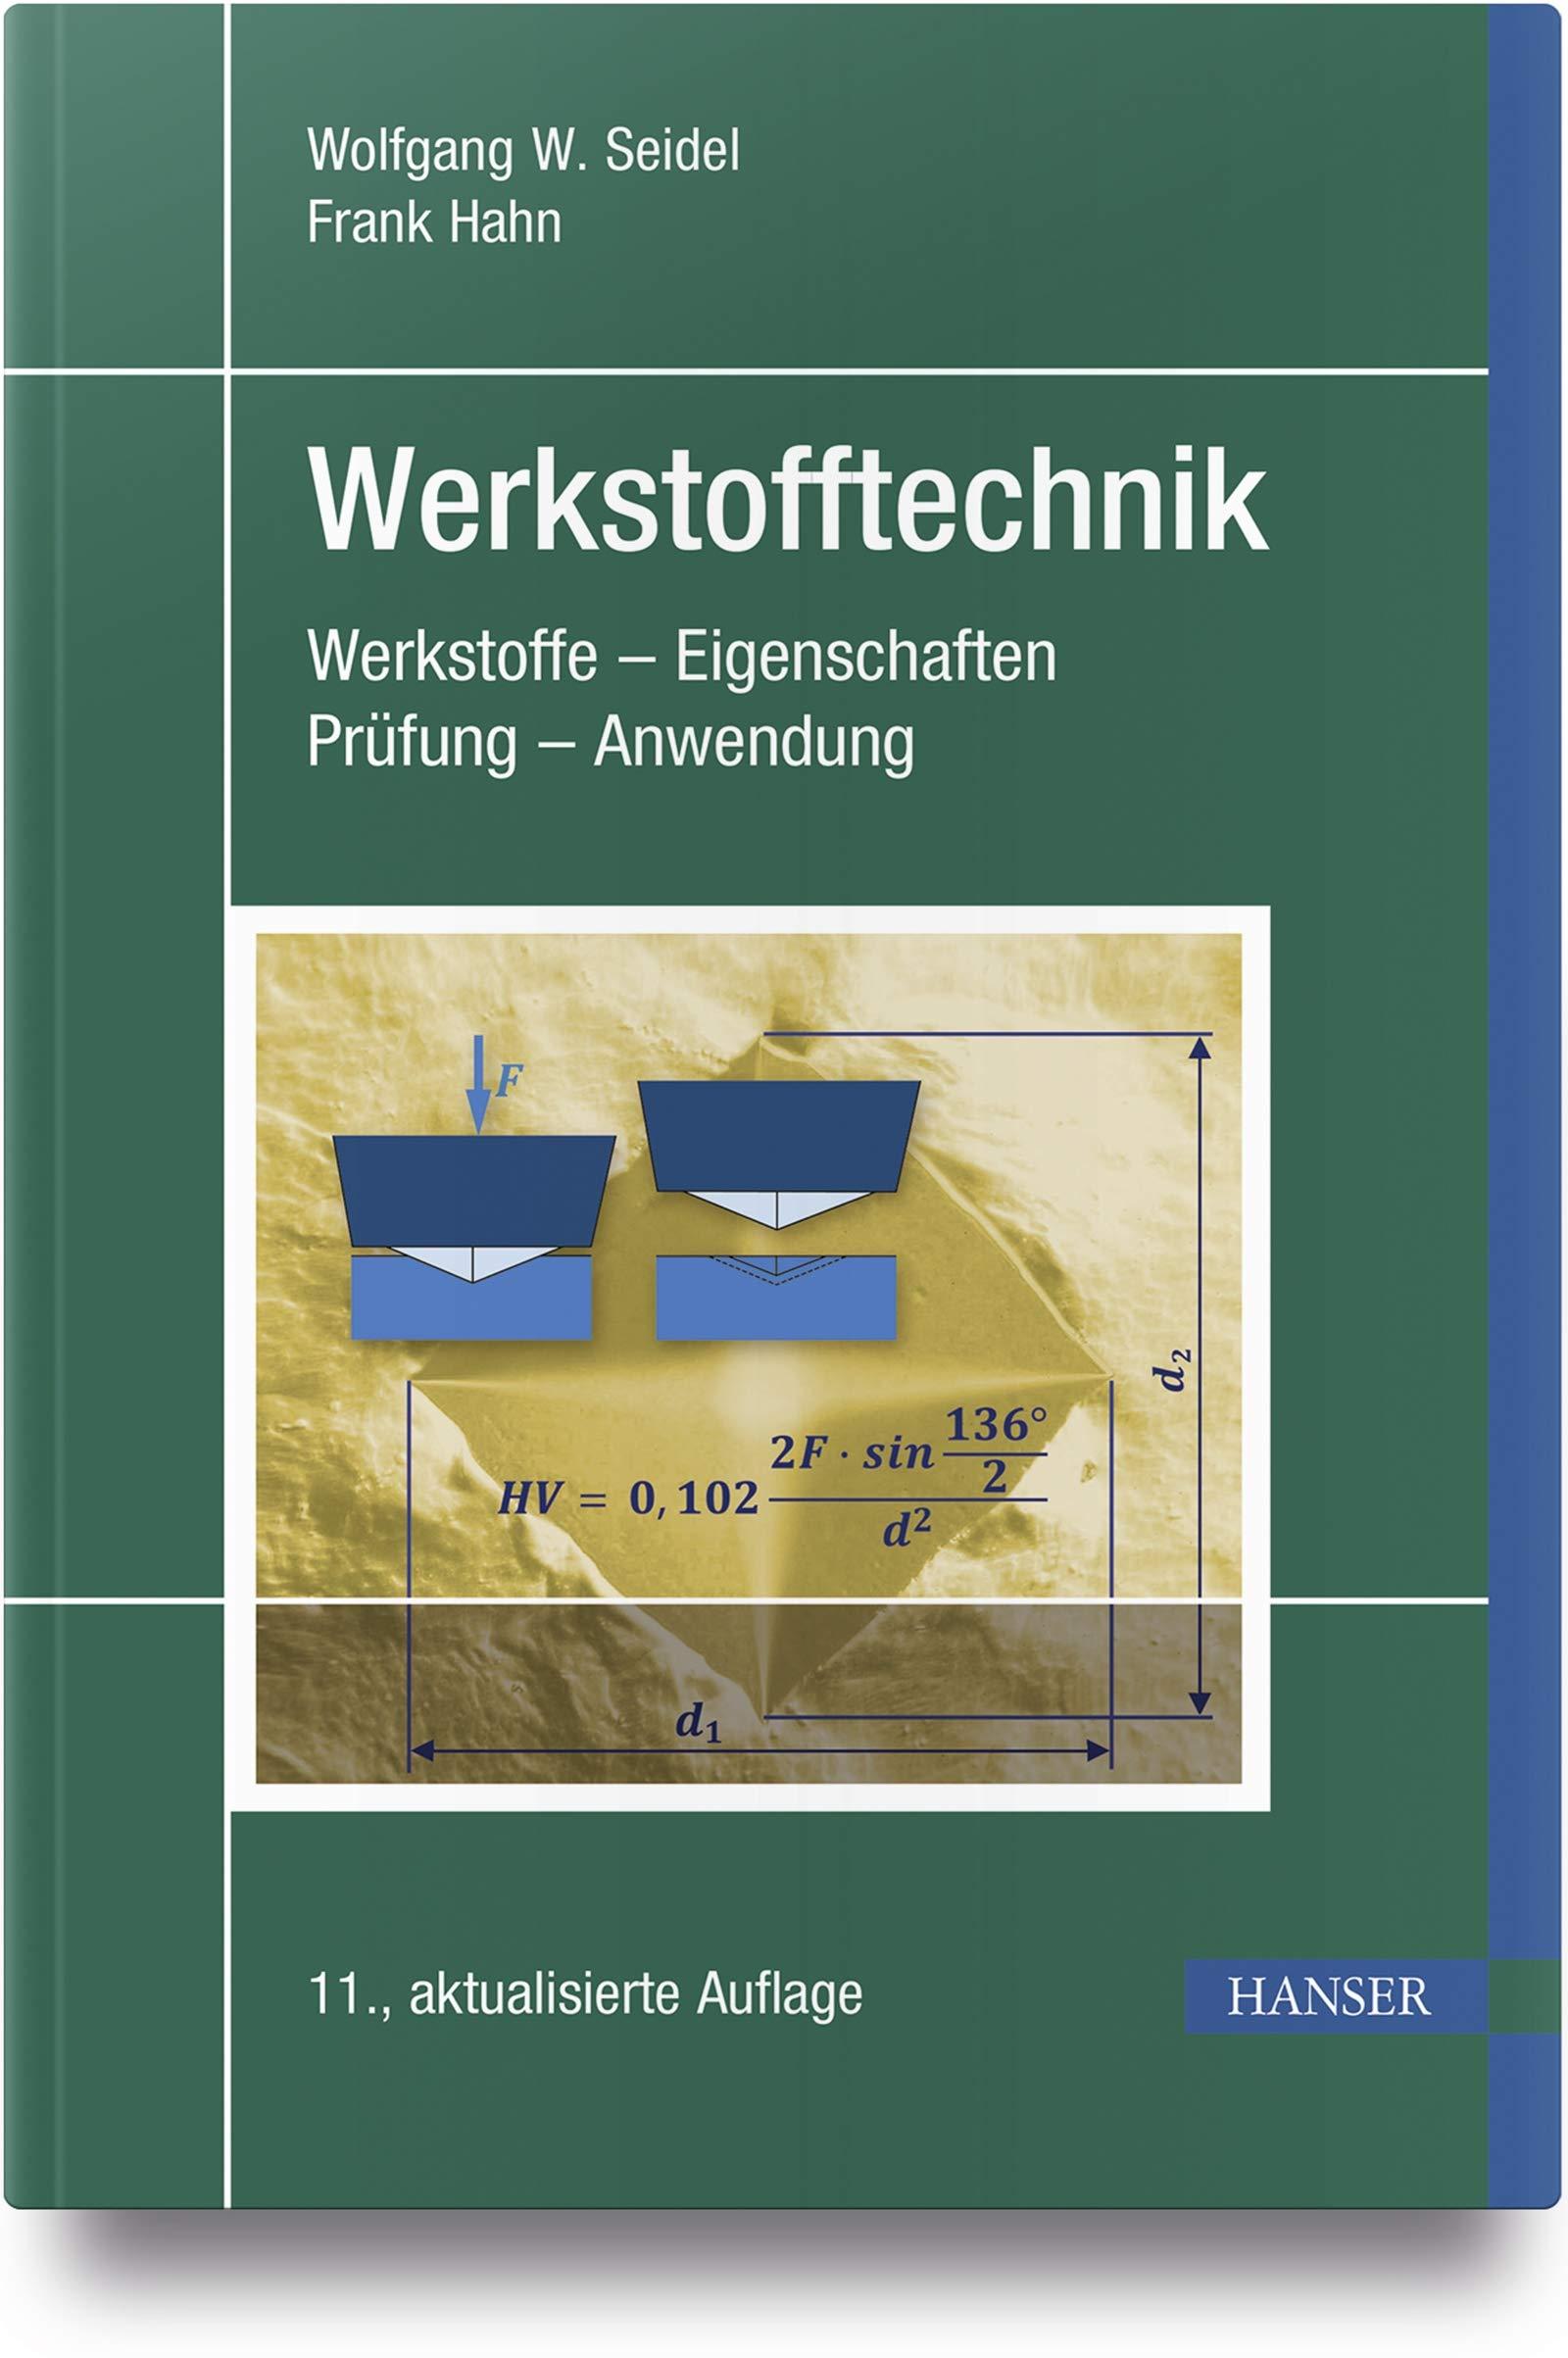 Werkstofftechnik: Werkstoffe - Eigenschaften - Prüfung - Anwendung Gebundenes Buch – 10. September 2018 Wolfgang W. Seidel Frank Hahn 3446454152 Technik allgemein